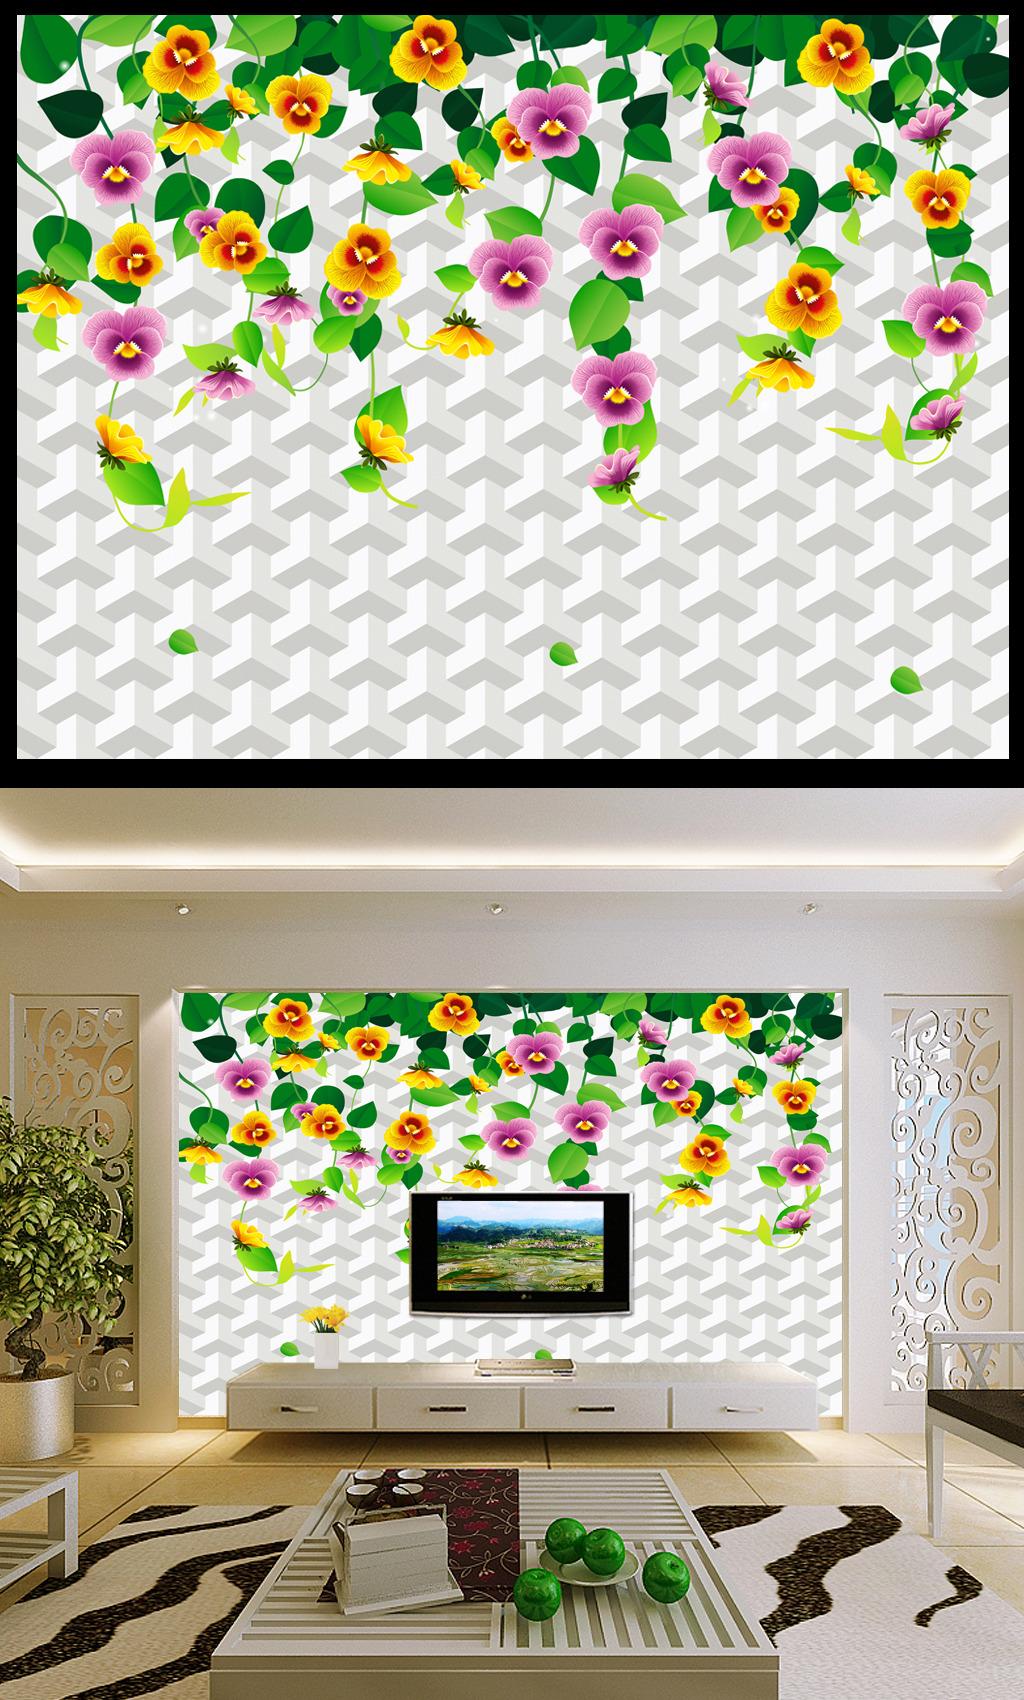 木工制作电视背景墙壁纸电视墙图片简约新型装饰材料大全电视背景厂家